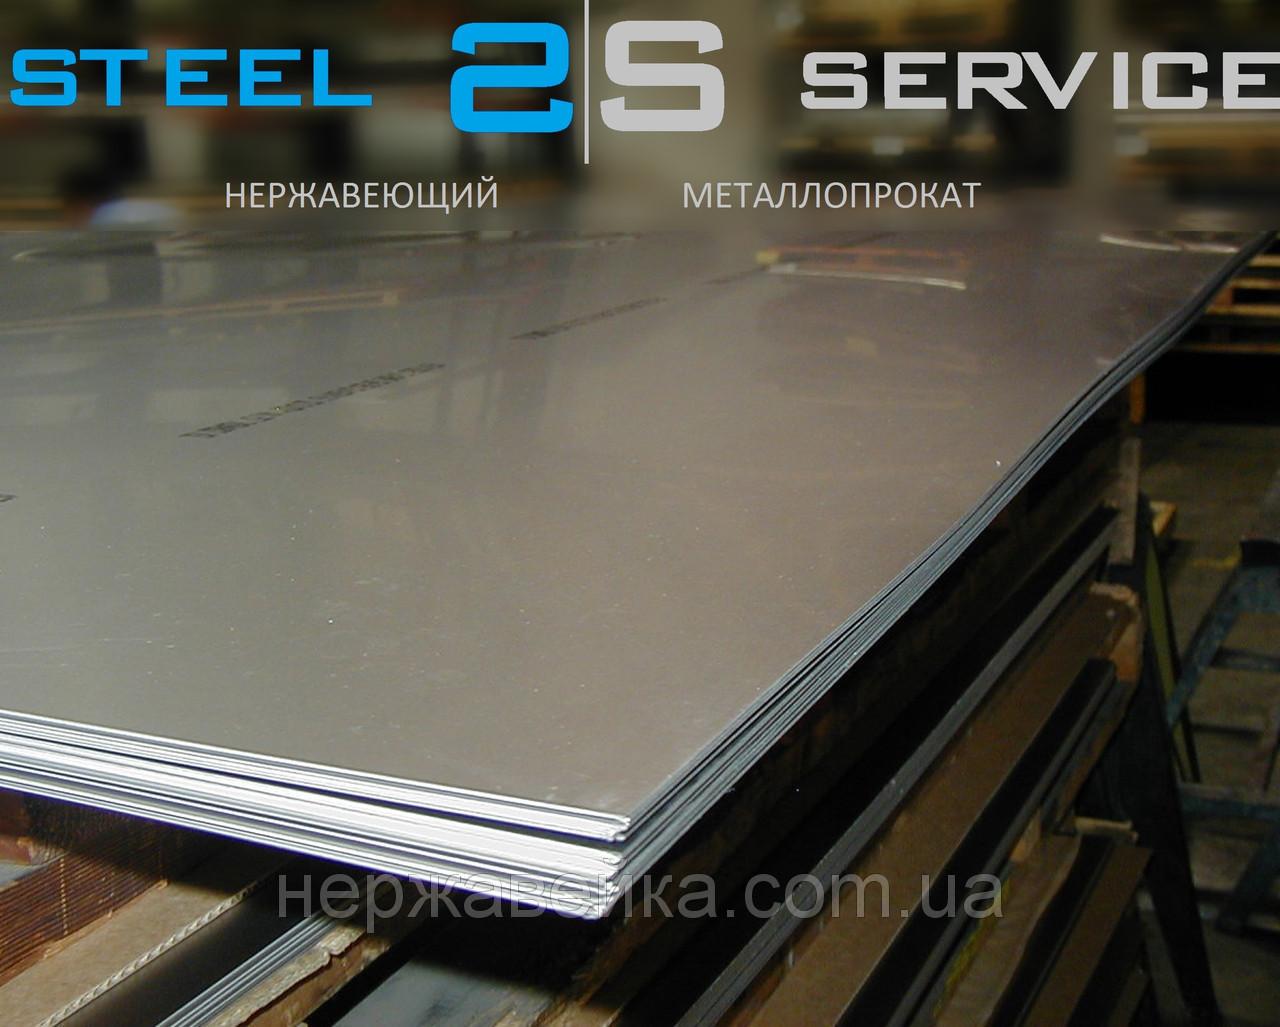 Нержавеющий лист 6х1250х2500мм  AISI 304(08Х18Н10) F1 - горячекатанный,  пищевой